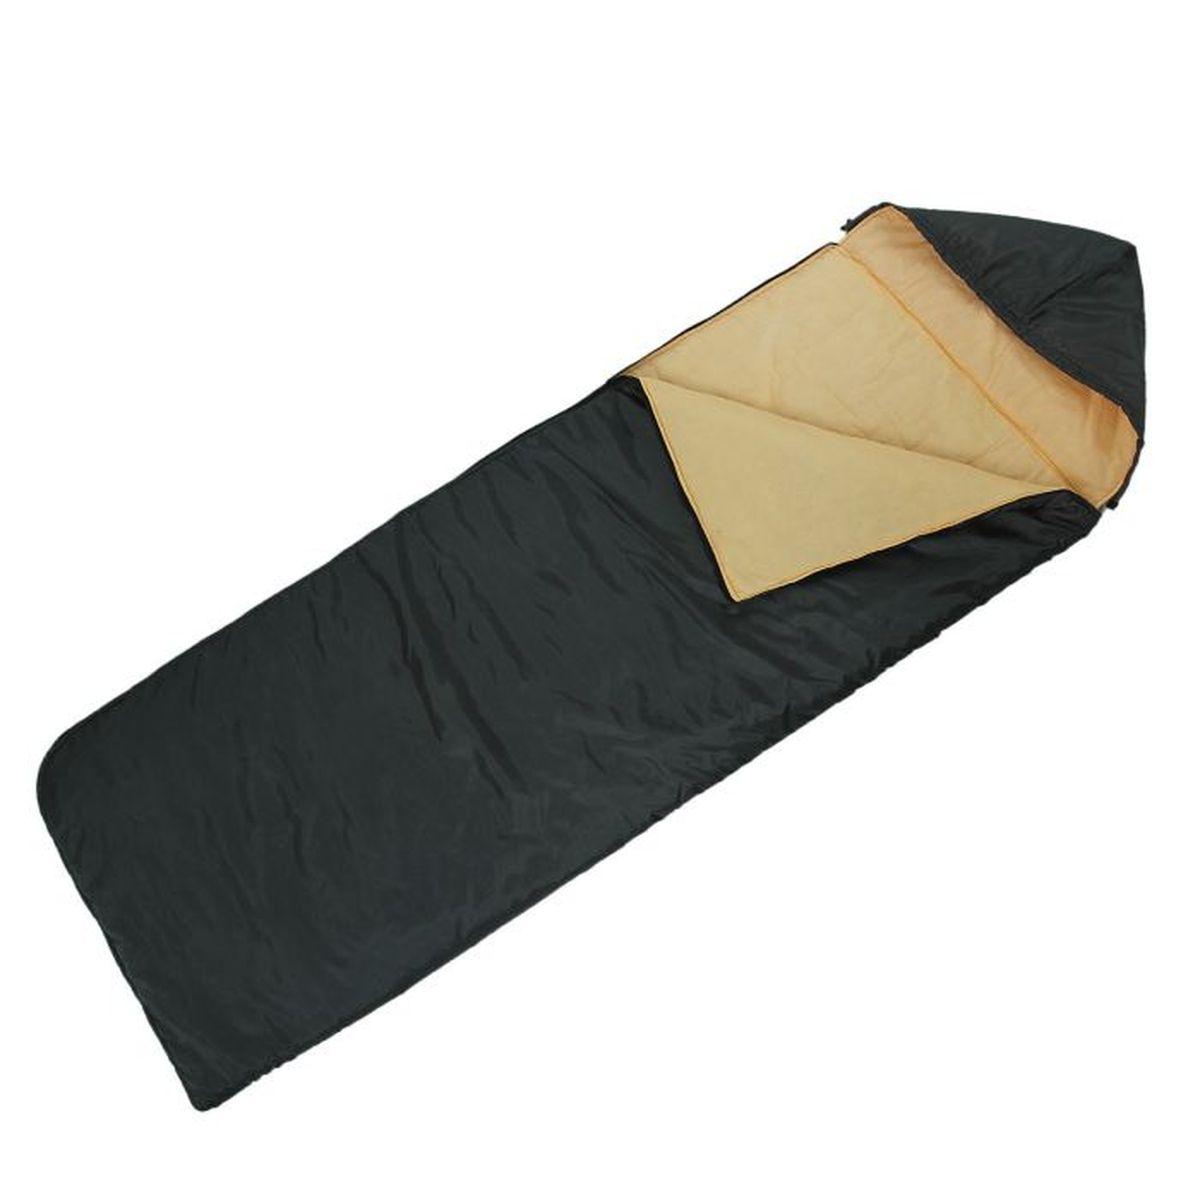 Мешок спальный Onlitop Престиж, цвет: черный, бежевый, правосторонняя молния1344025Комфортный, просторный и очень теплый 3-х сезонный спальник Onlitop Престиж предназначен для походов и для отдыха на природе не только в летнее время, но и в прохладные дни весенне-осеннего периода. В теплое время спальный мешок можно использовать как одеяло (в том числе и дома).Он изготовлен из качественных материалов - синтепона, хлопка, ситца и полиэстера, которые не только обладают теплоизоляционными характеристиками, но и достаточно прочны, что сделало спальный мешок очень долговечным. Длина мешка - 2,25 м, ширина - 70 см, это позволит разместиться в нём человеку практически любой комплекции.Материал наружного слоя: Полиэстер.Материал подкладки: Ситец.Нижняя температура комфорта: +5°C.Размеры: 225 х 70 см.Вес: 1100 г.Что взять с собой в поход?. Статья OZON Гид